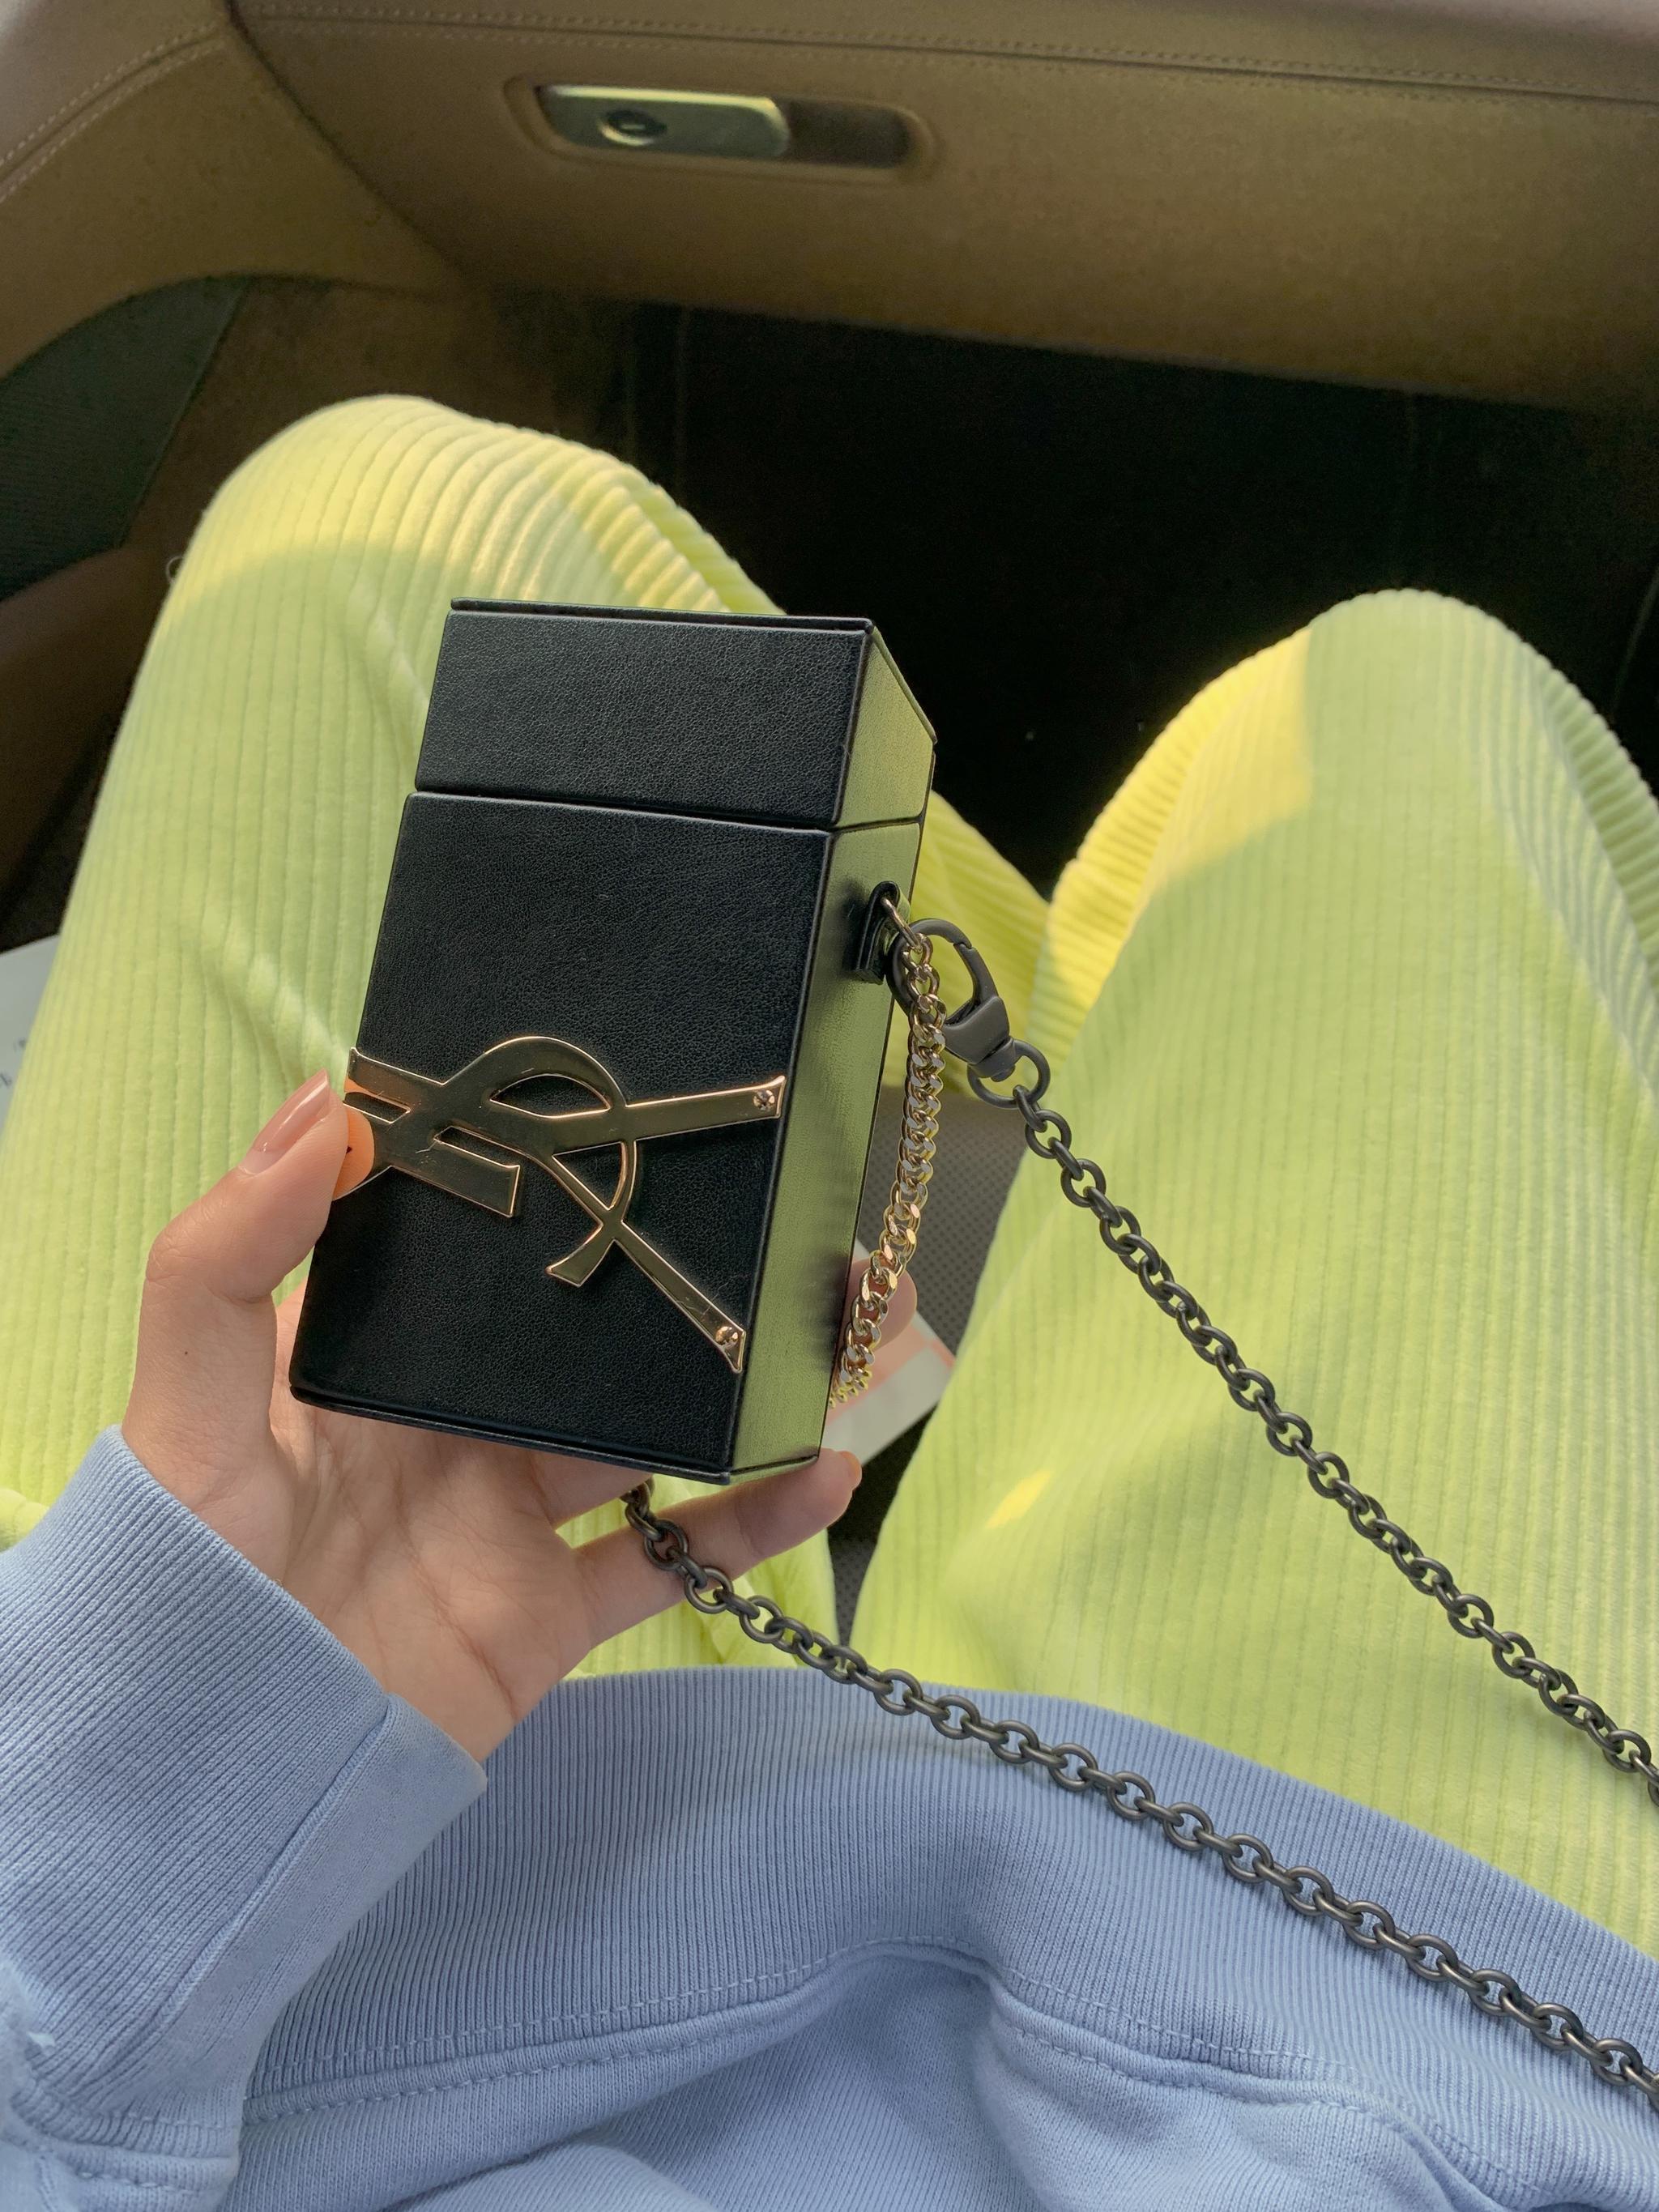 省钱大法!YSL香水的壳子裤子配上一根链子,就变成了YSL包包